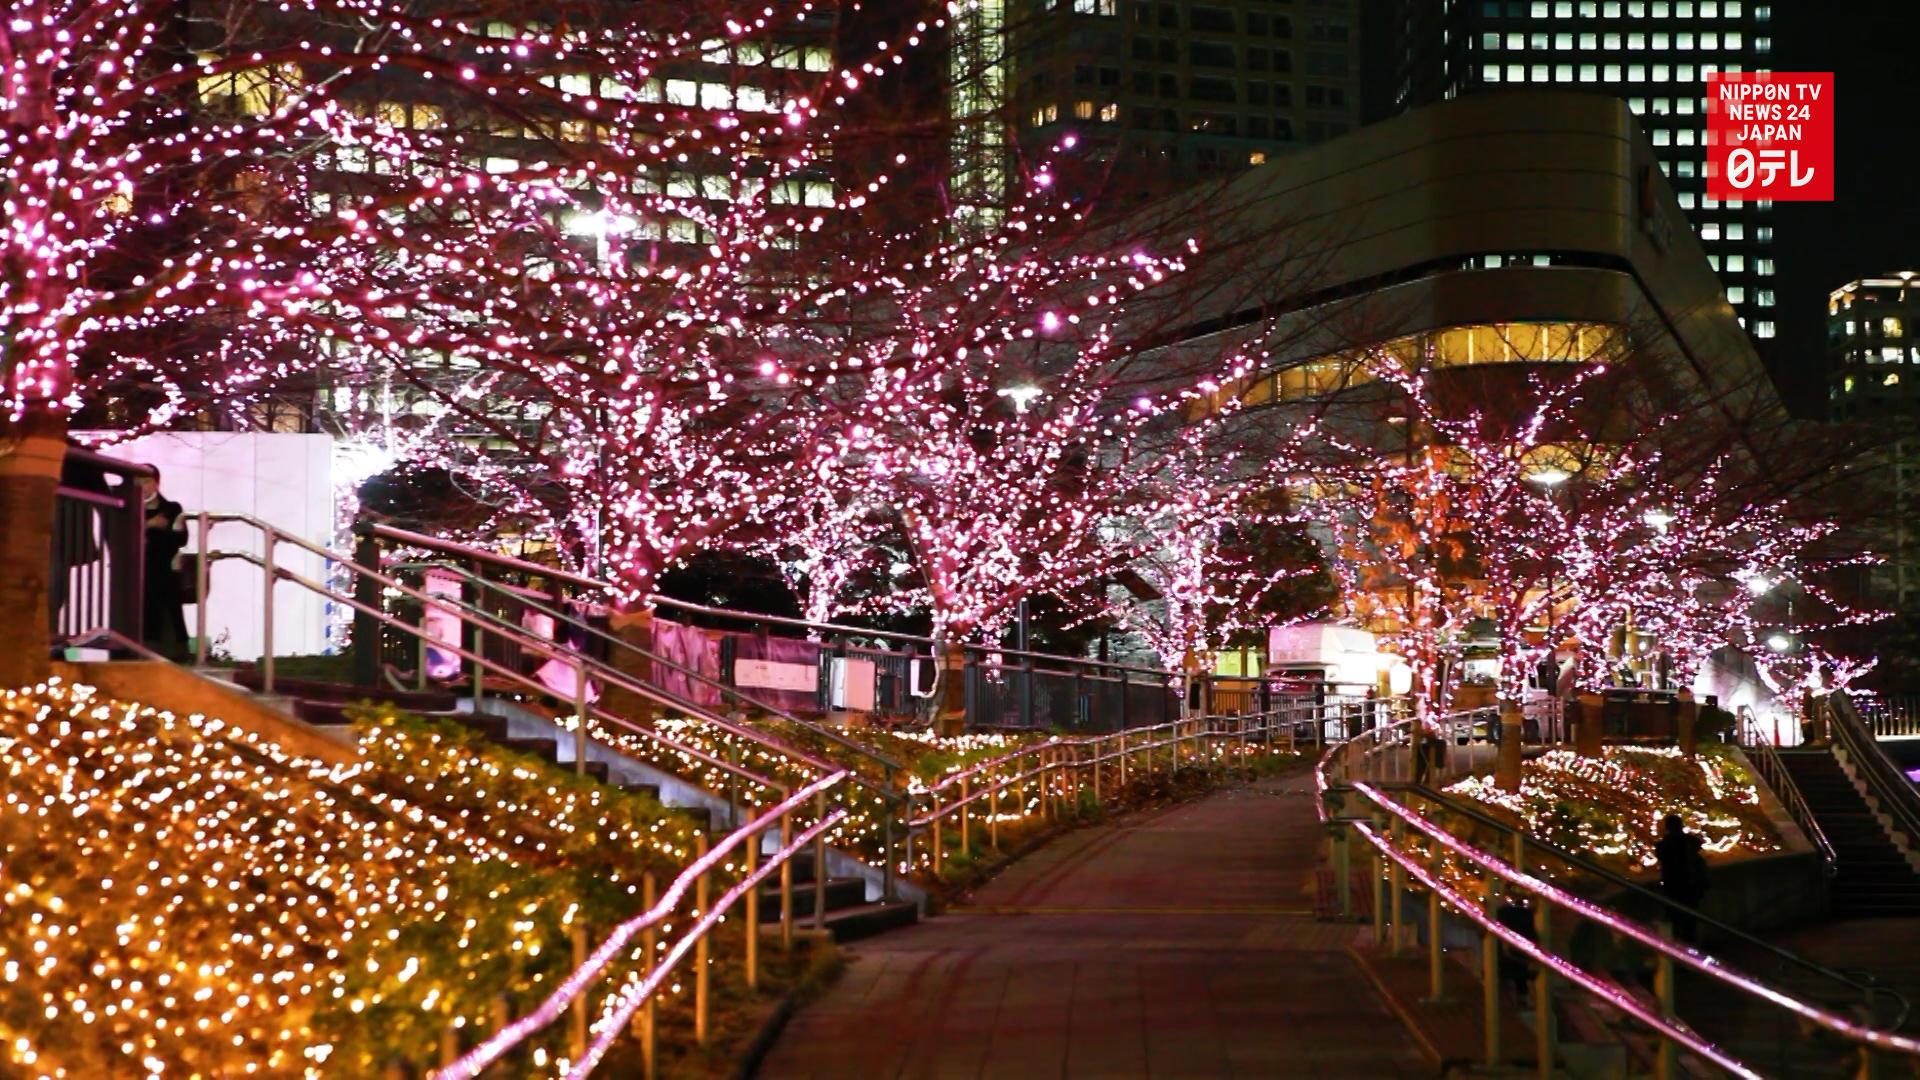 Waste oil illuminates Tokyo